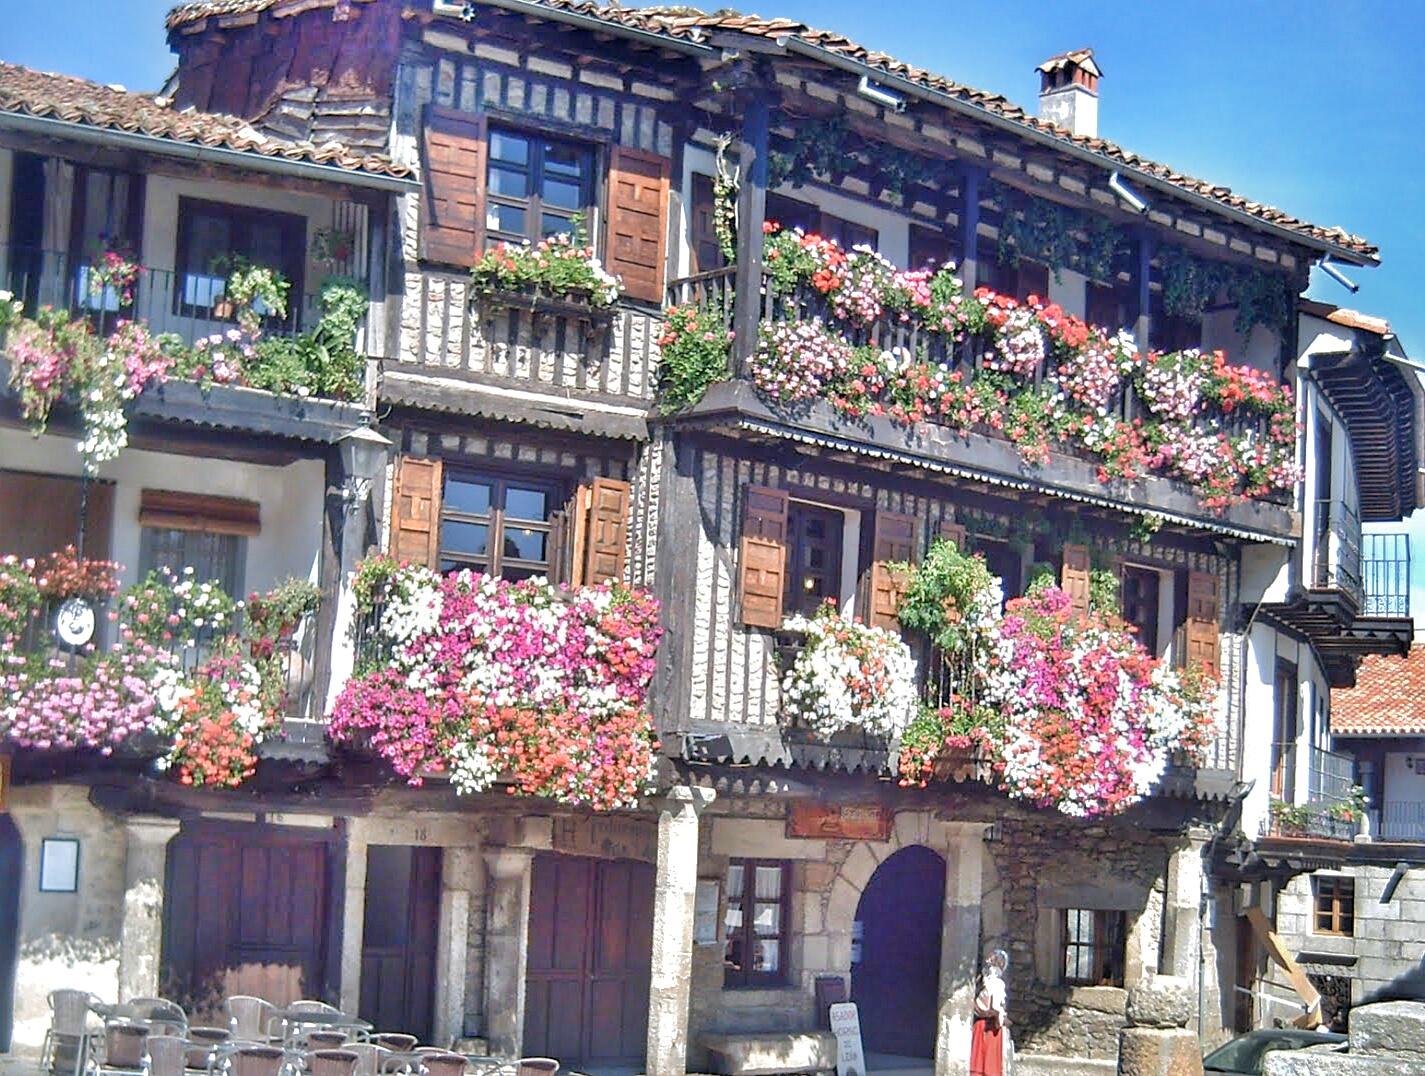 Pueblos muy bonitos de la provincia de salamanca un blog for Alberca pueblo de salamanca